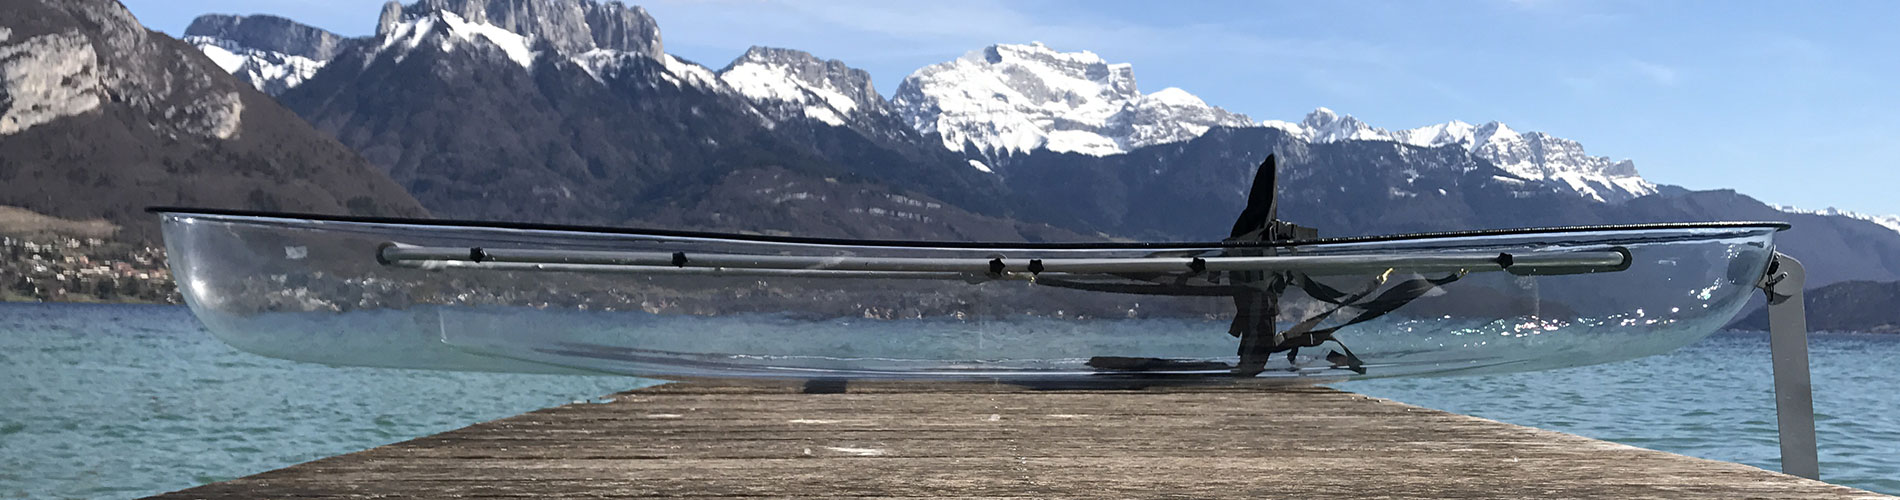 kayak transparent single mode